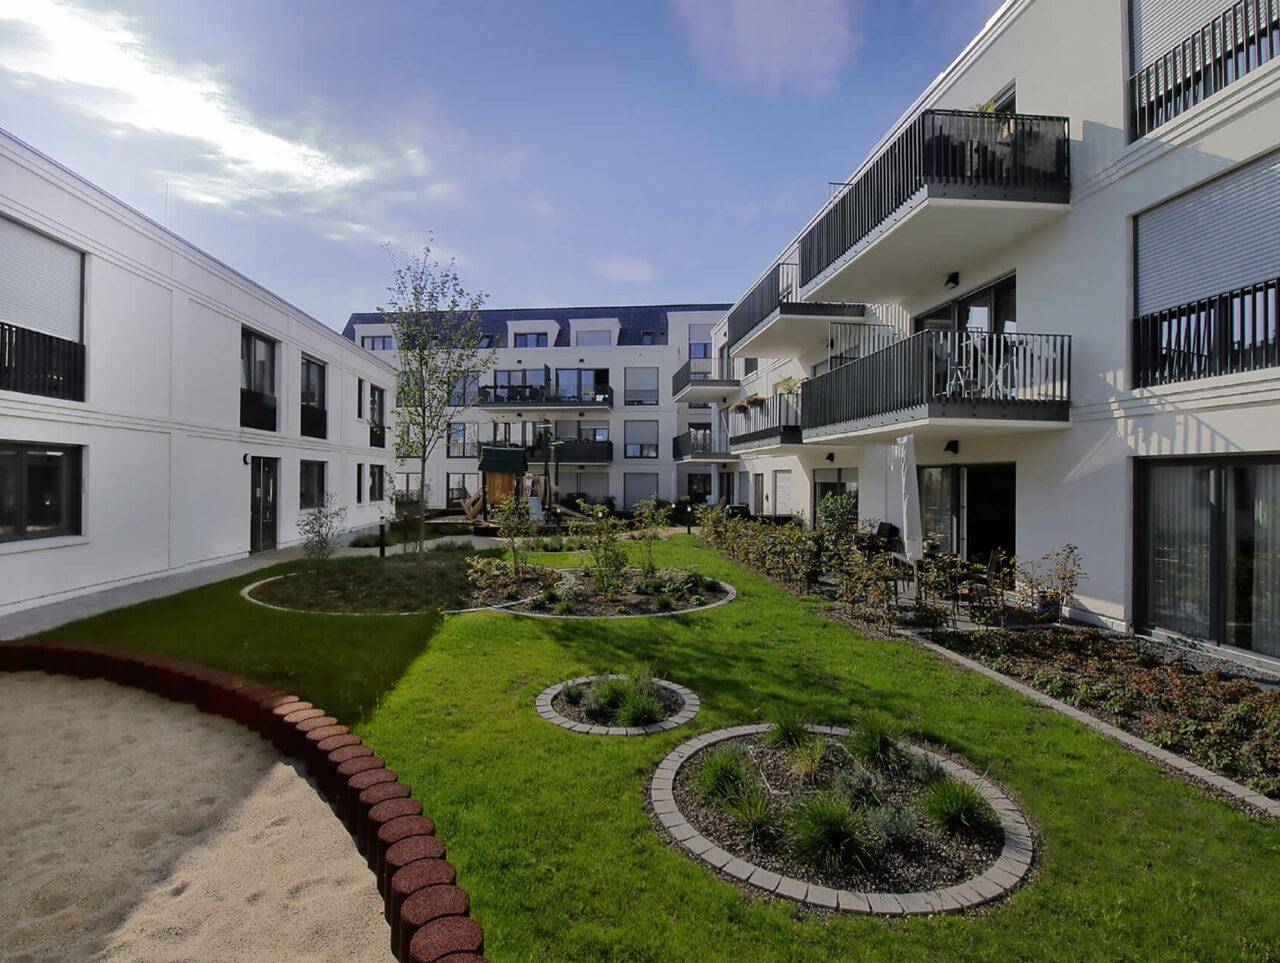 Villa für Viele Essen Bredeney Wohn- und Geschäftshaus zeitlos Aussenperspektive Visualisierung Innenhof